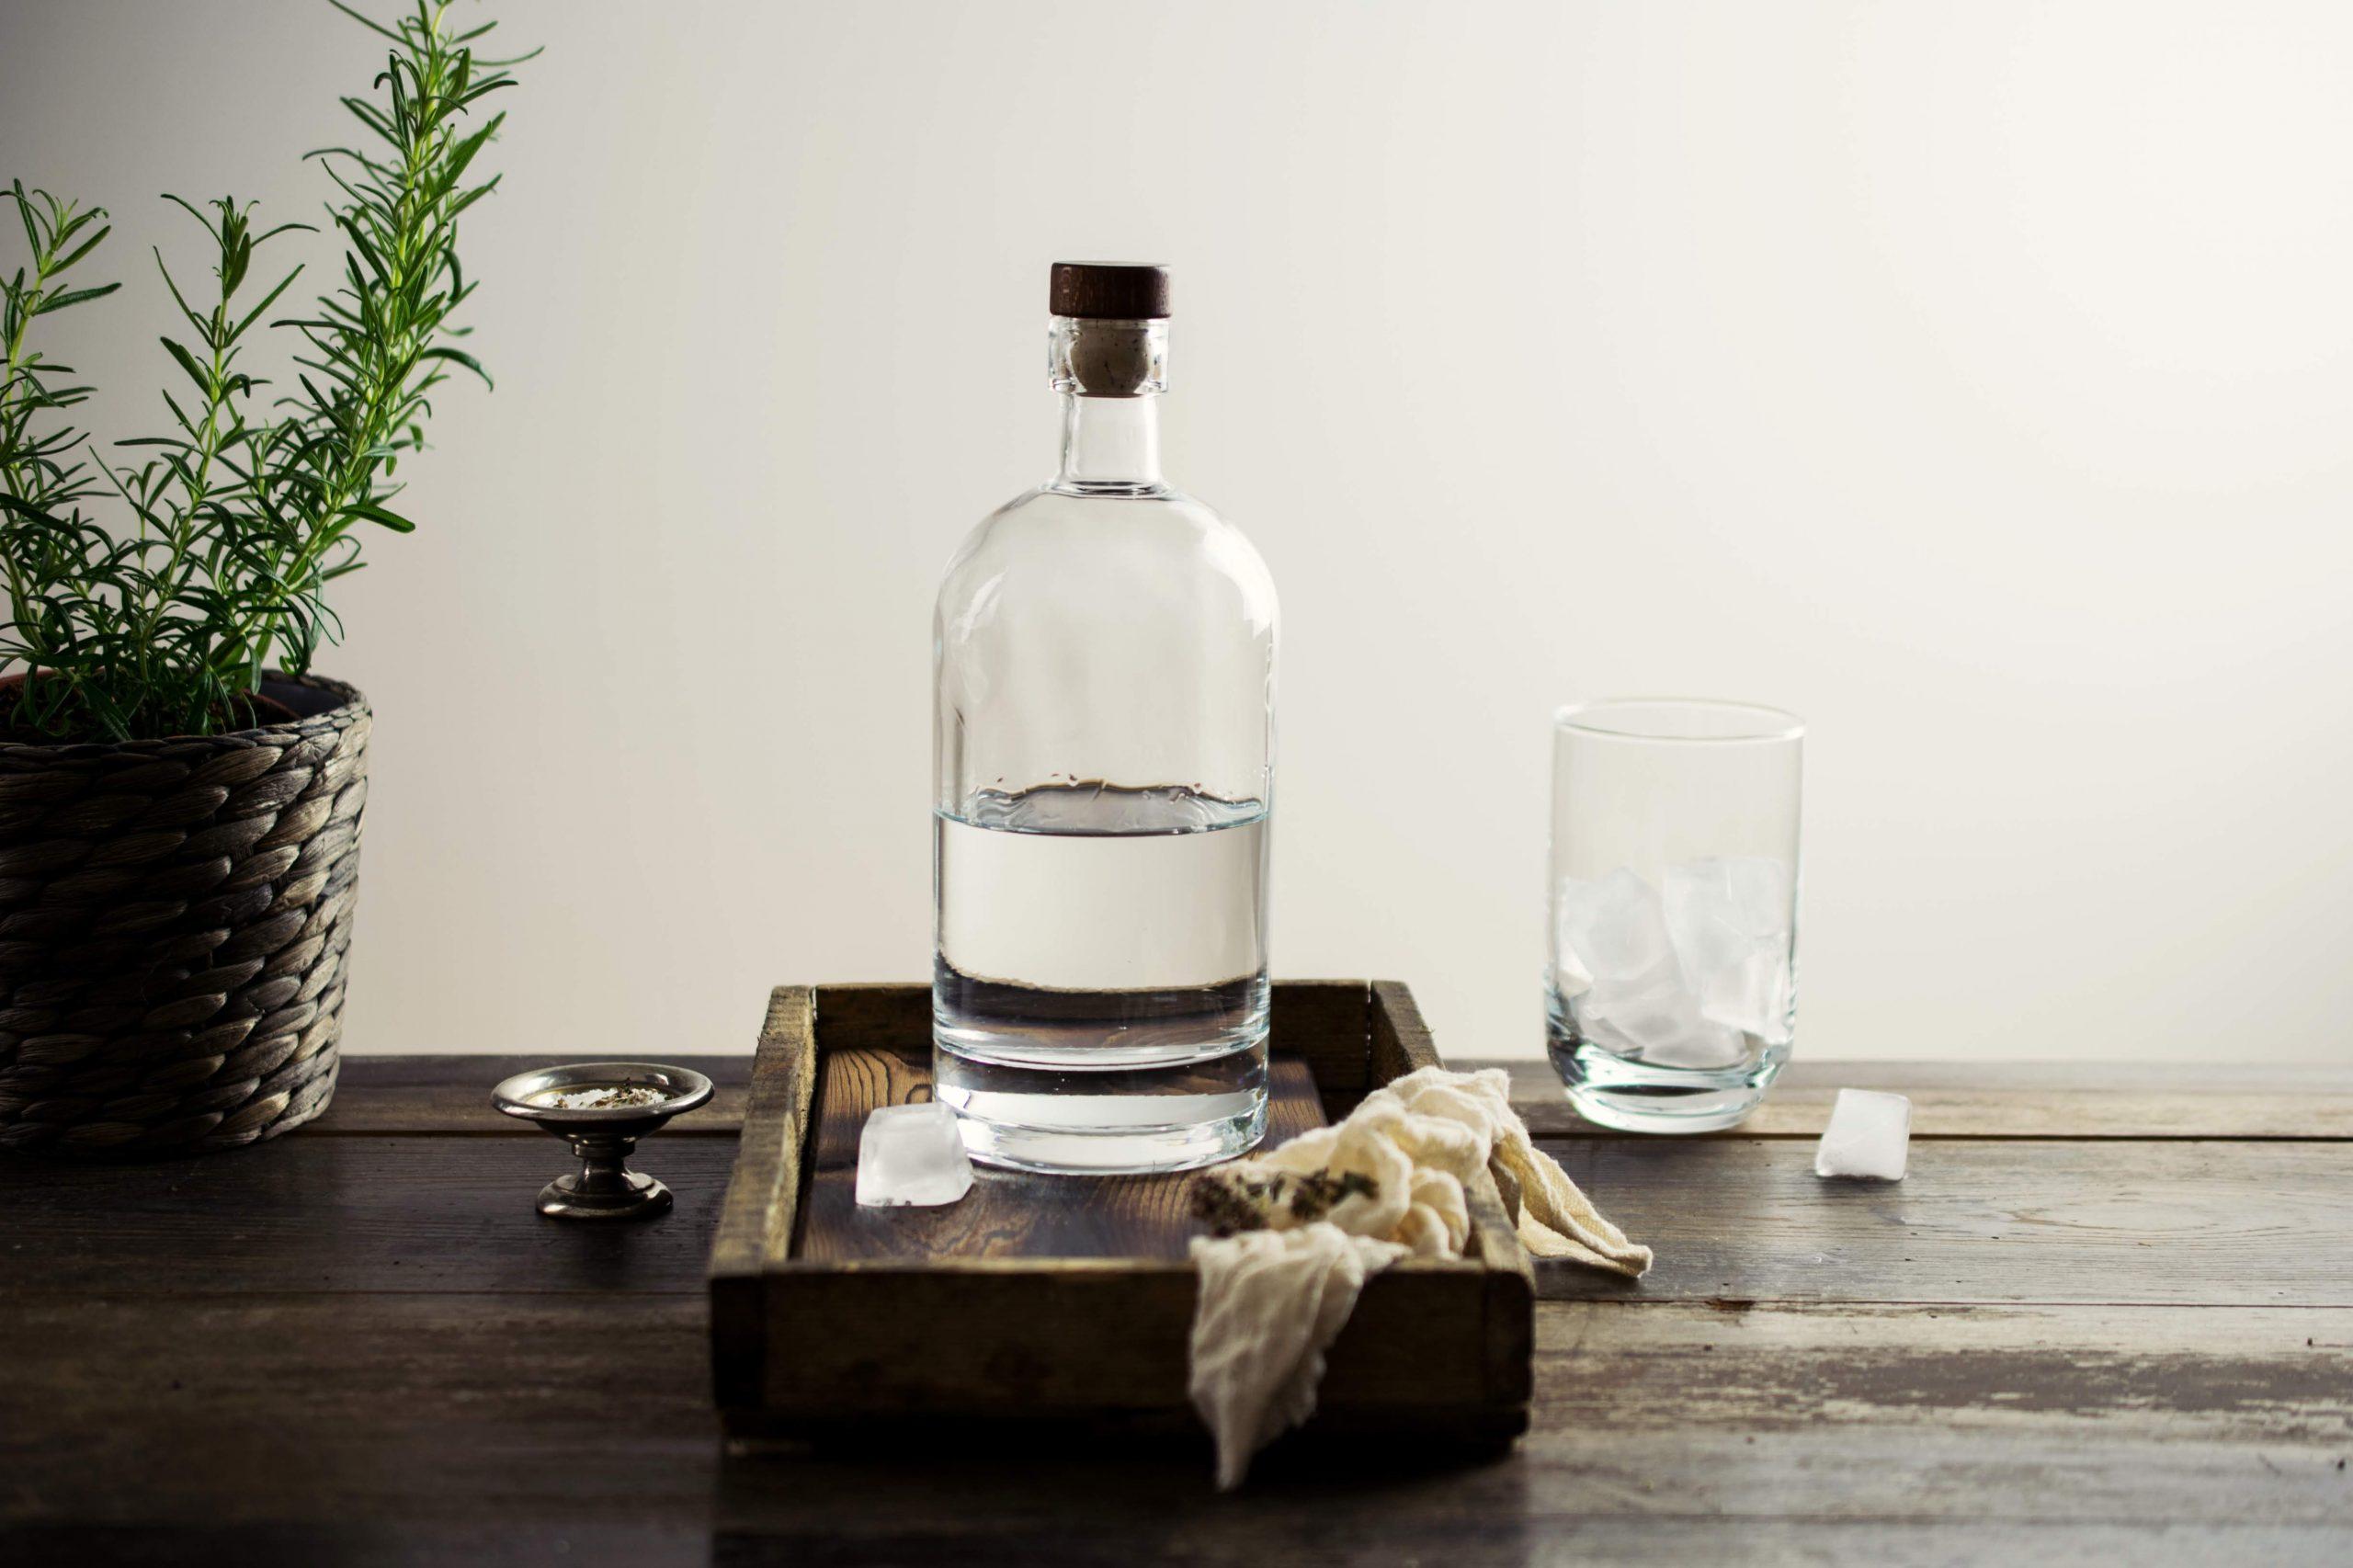 Stwórz swoją spersonalizowaną butelkę